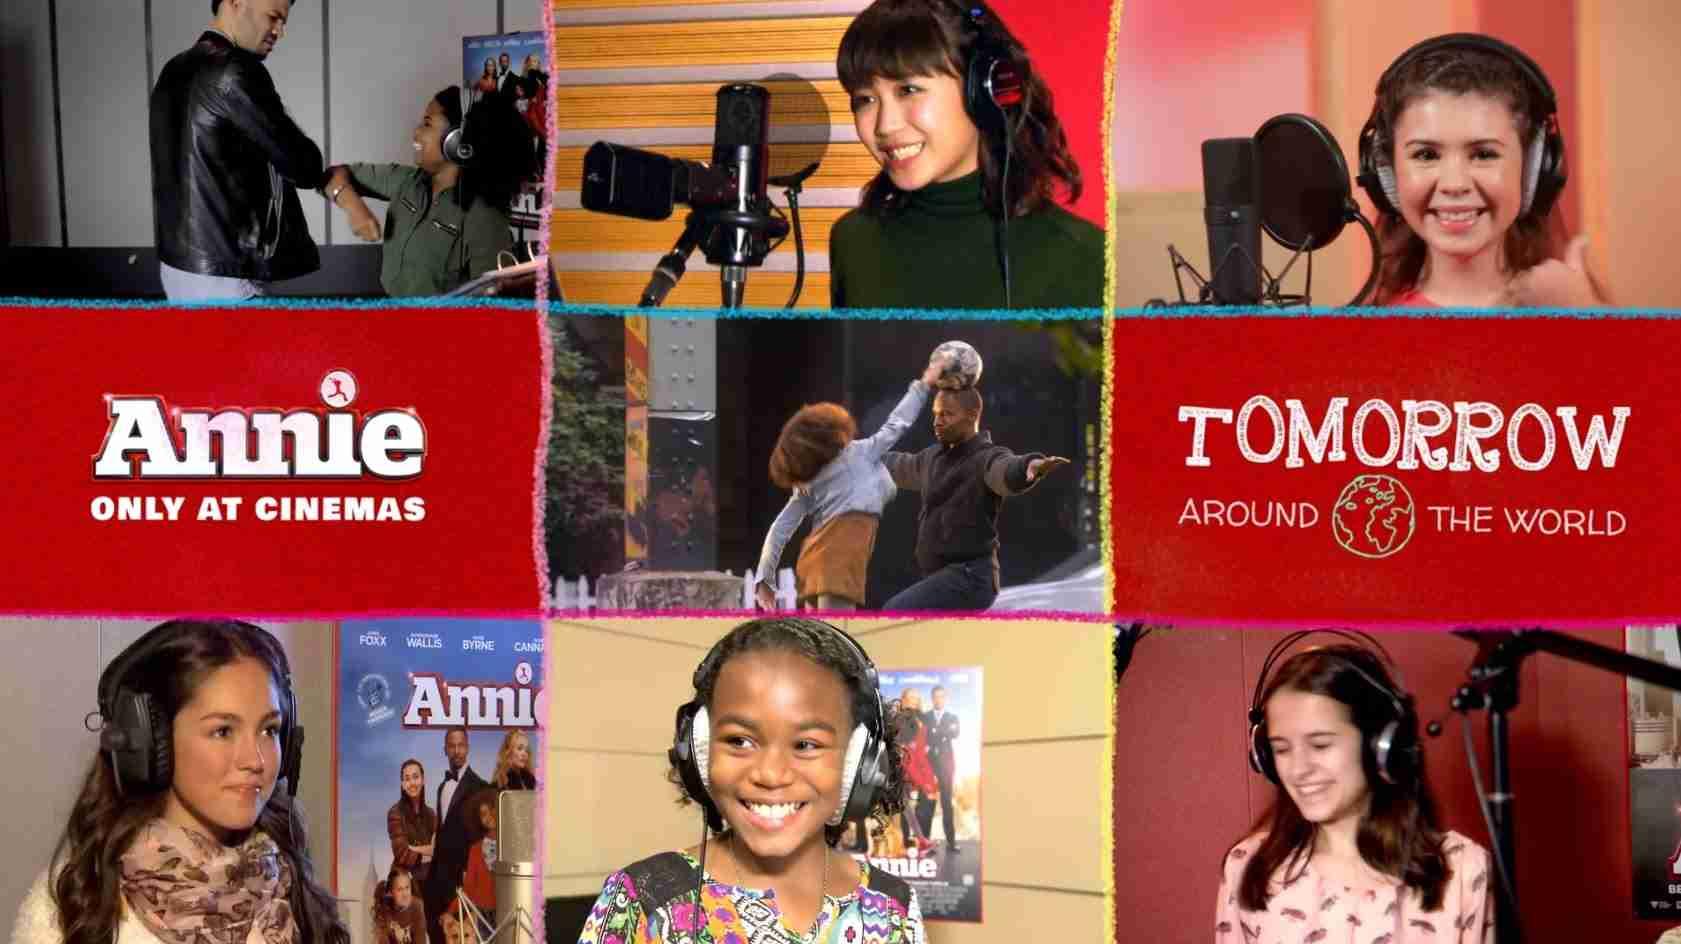 映画『ANNIE / アニー』テーマソング「Tomorrow」アラウンド・ザ・ワールド・クリップ - YouTube